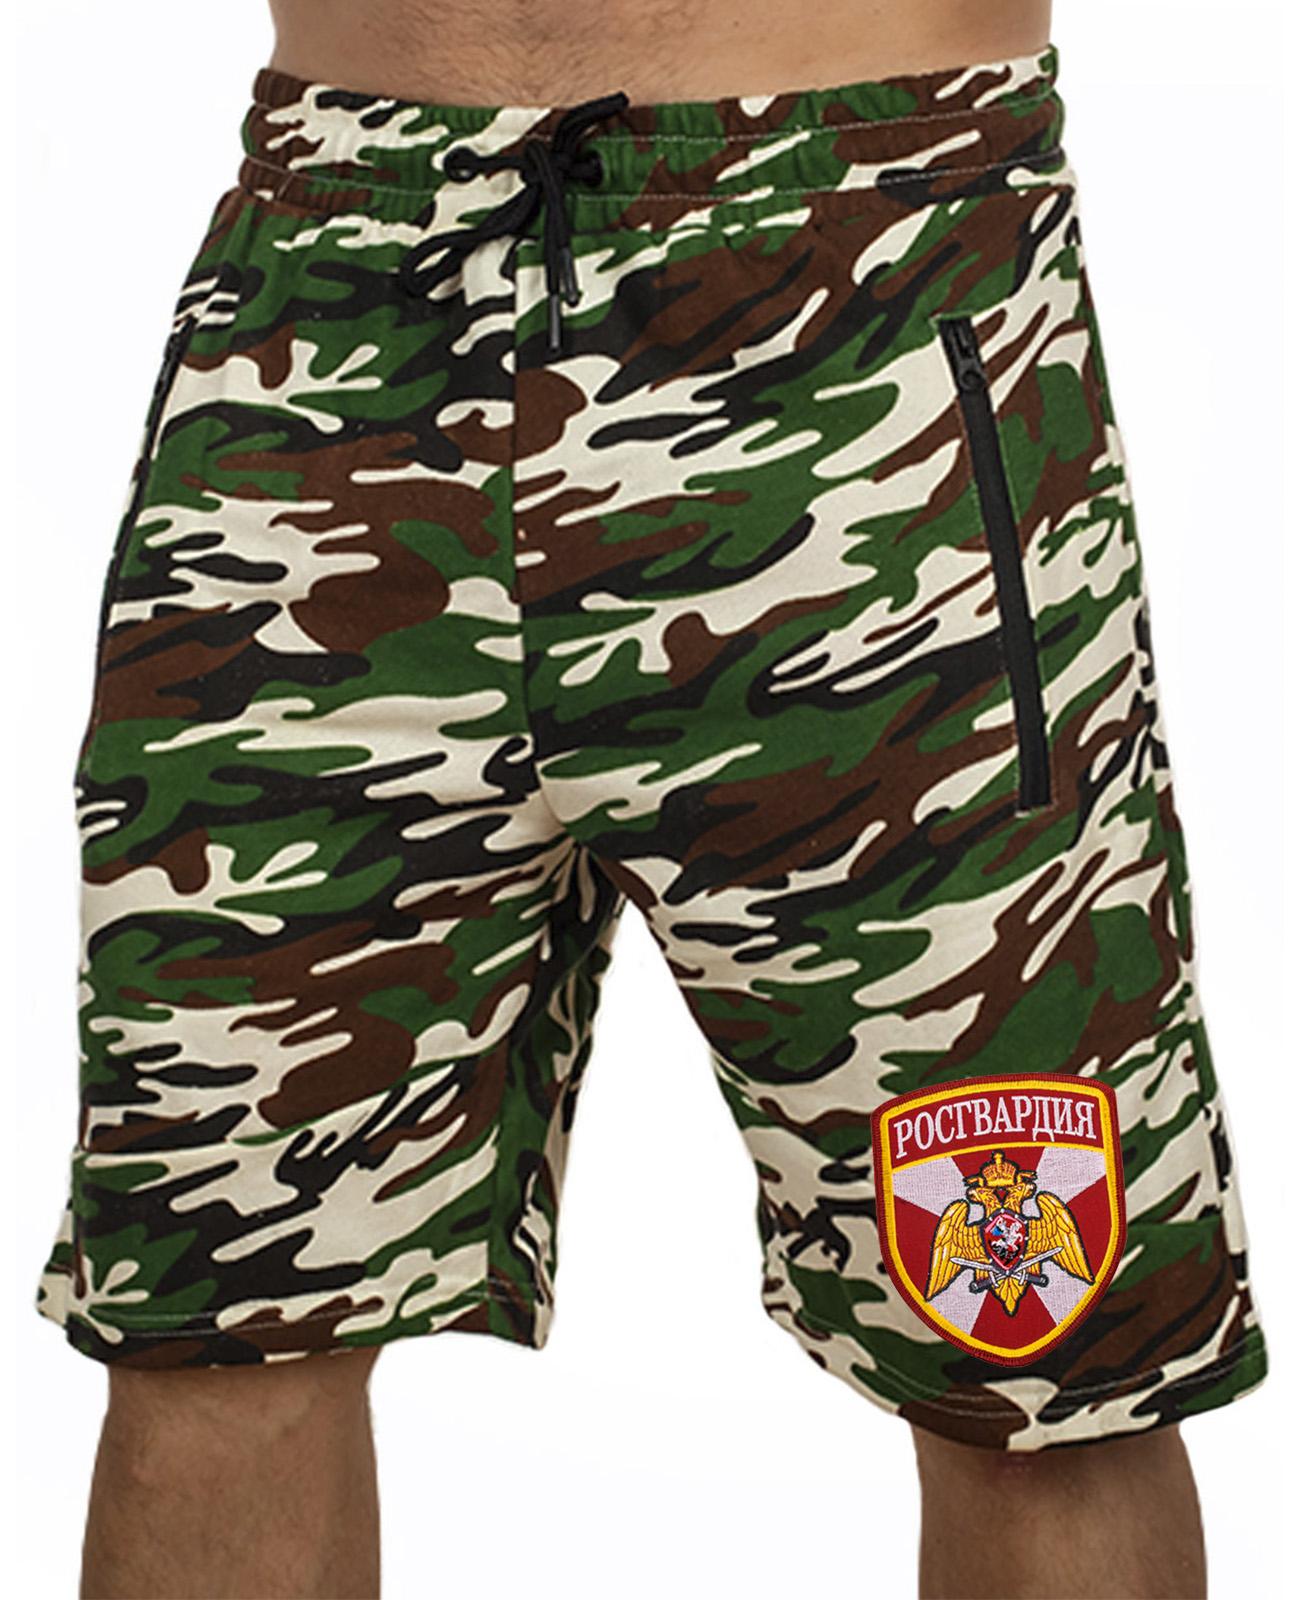 Купить камуфляжные мужские шорты с нашивкой Росгвардия в подарок мужу